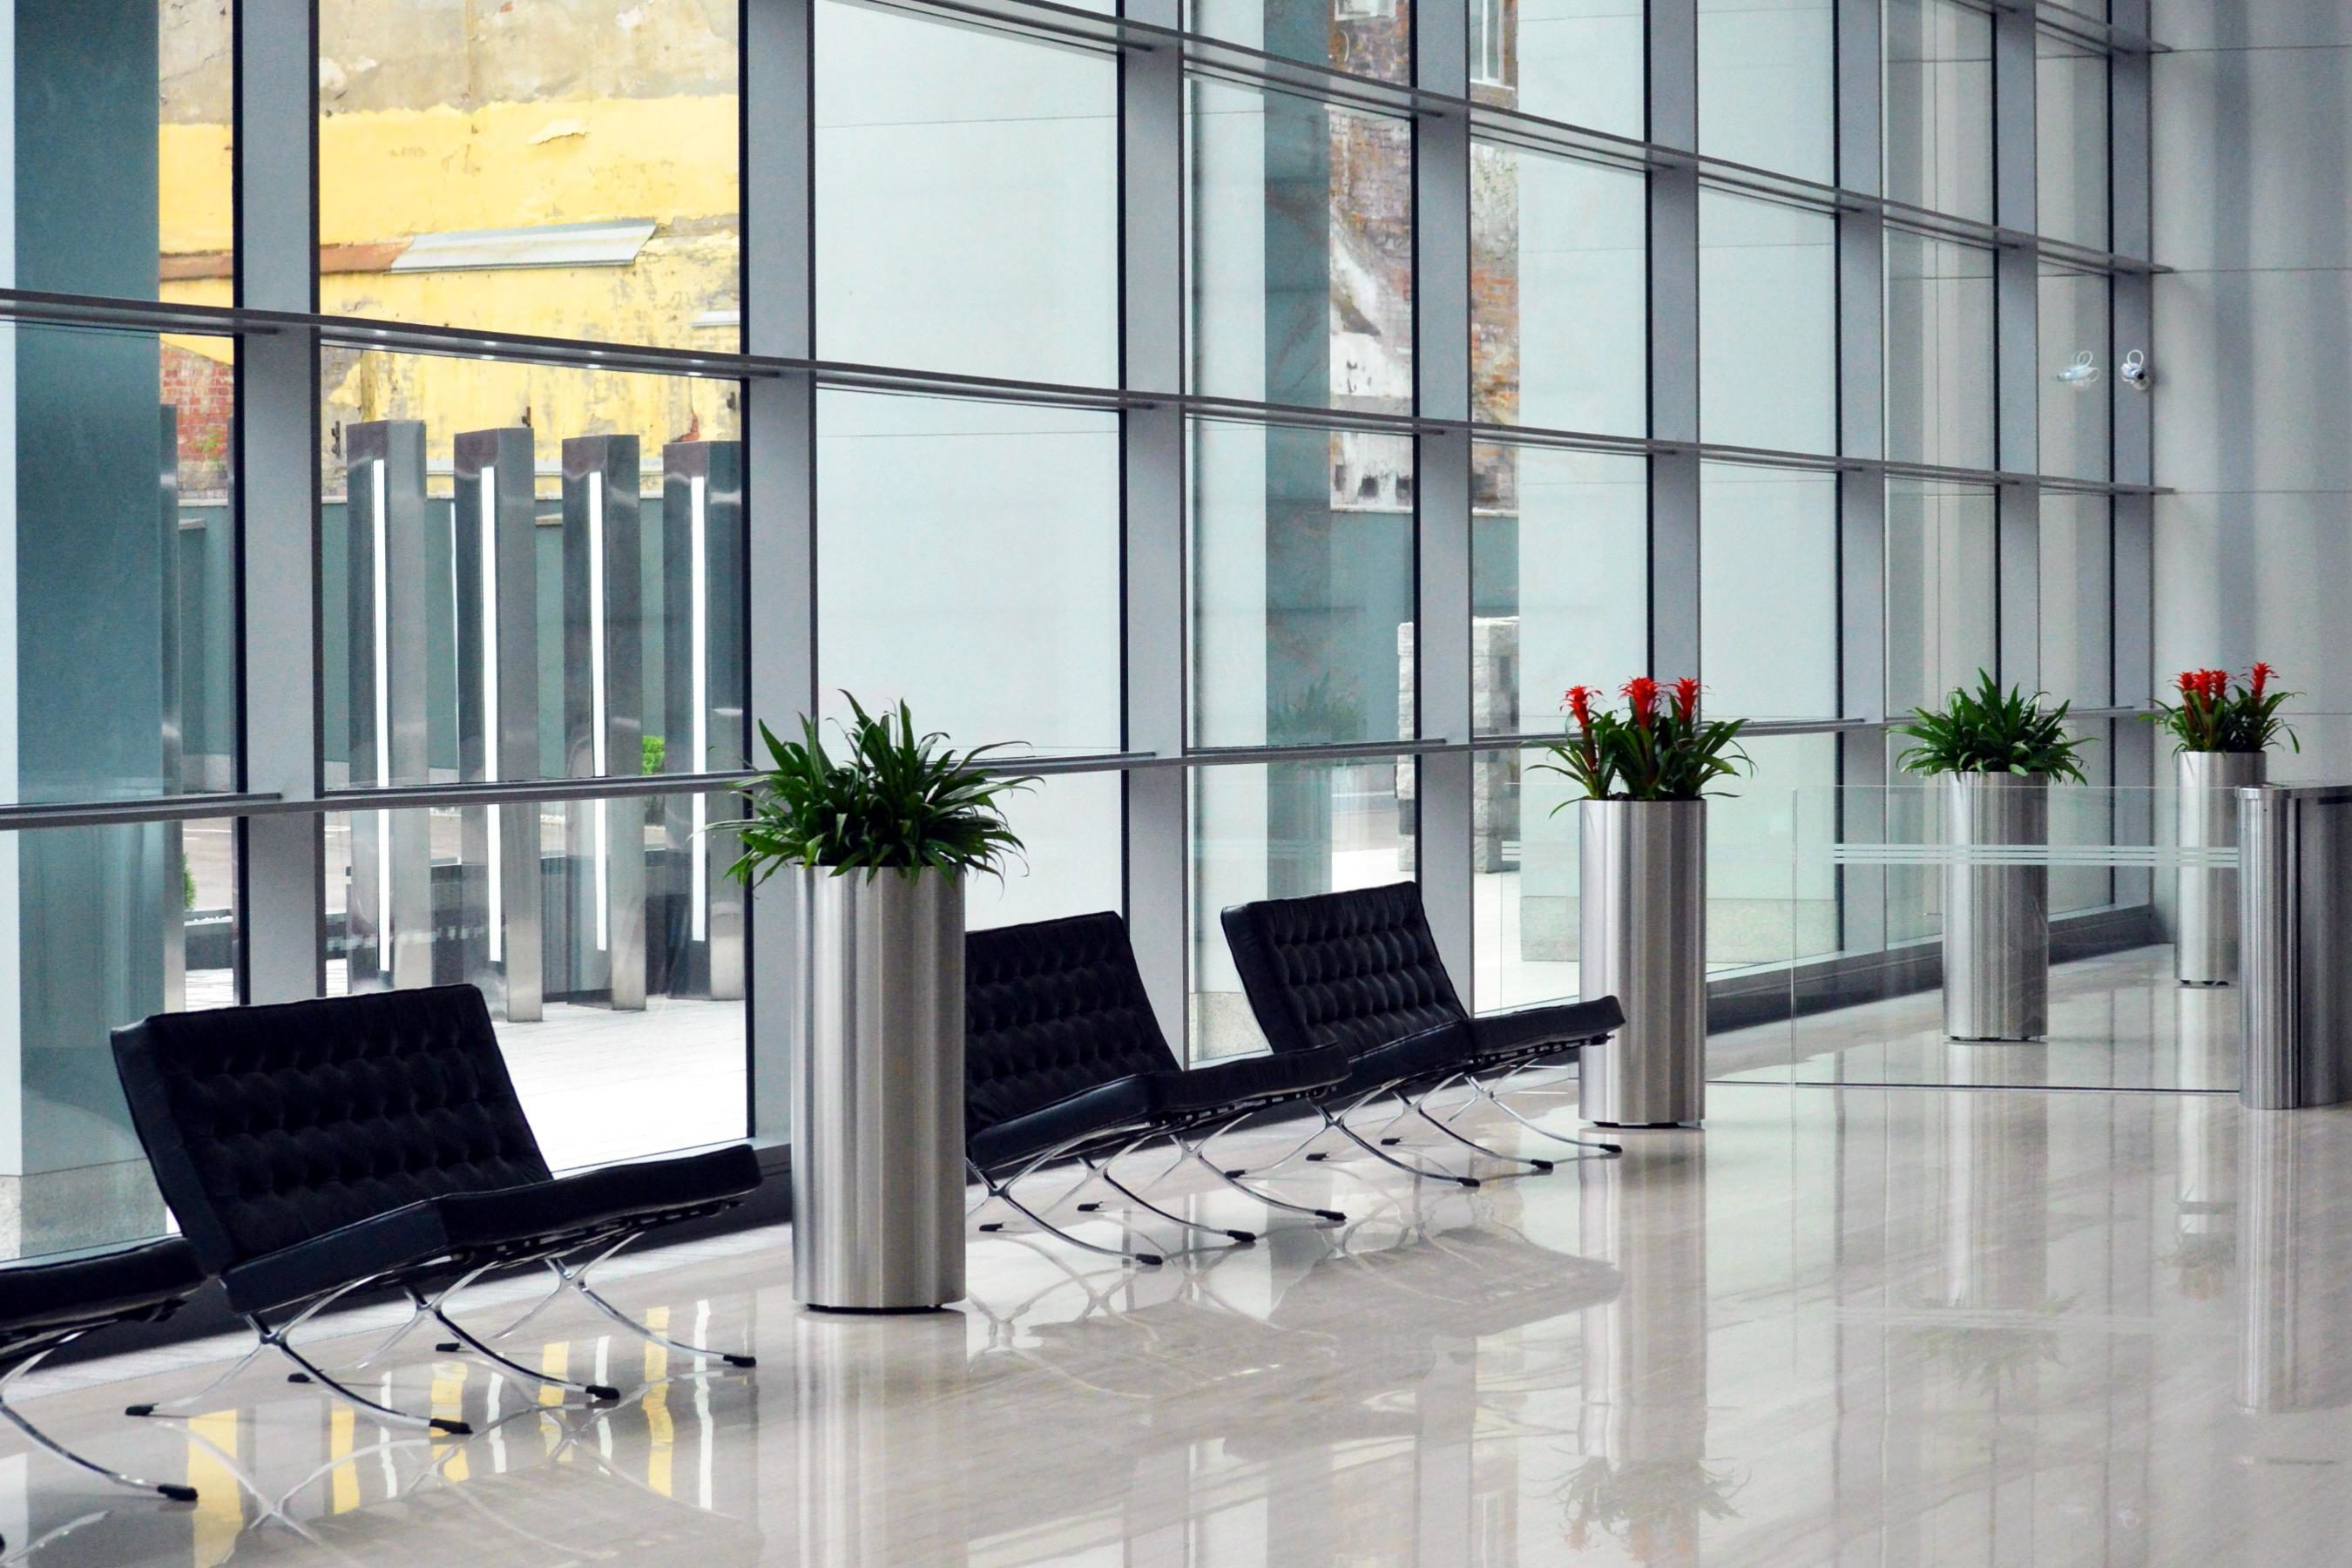 Imagen Gratis Muebles Interiores Sala Contempor Neo Casa  # Waiting Muebles